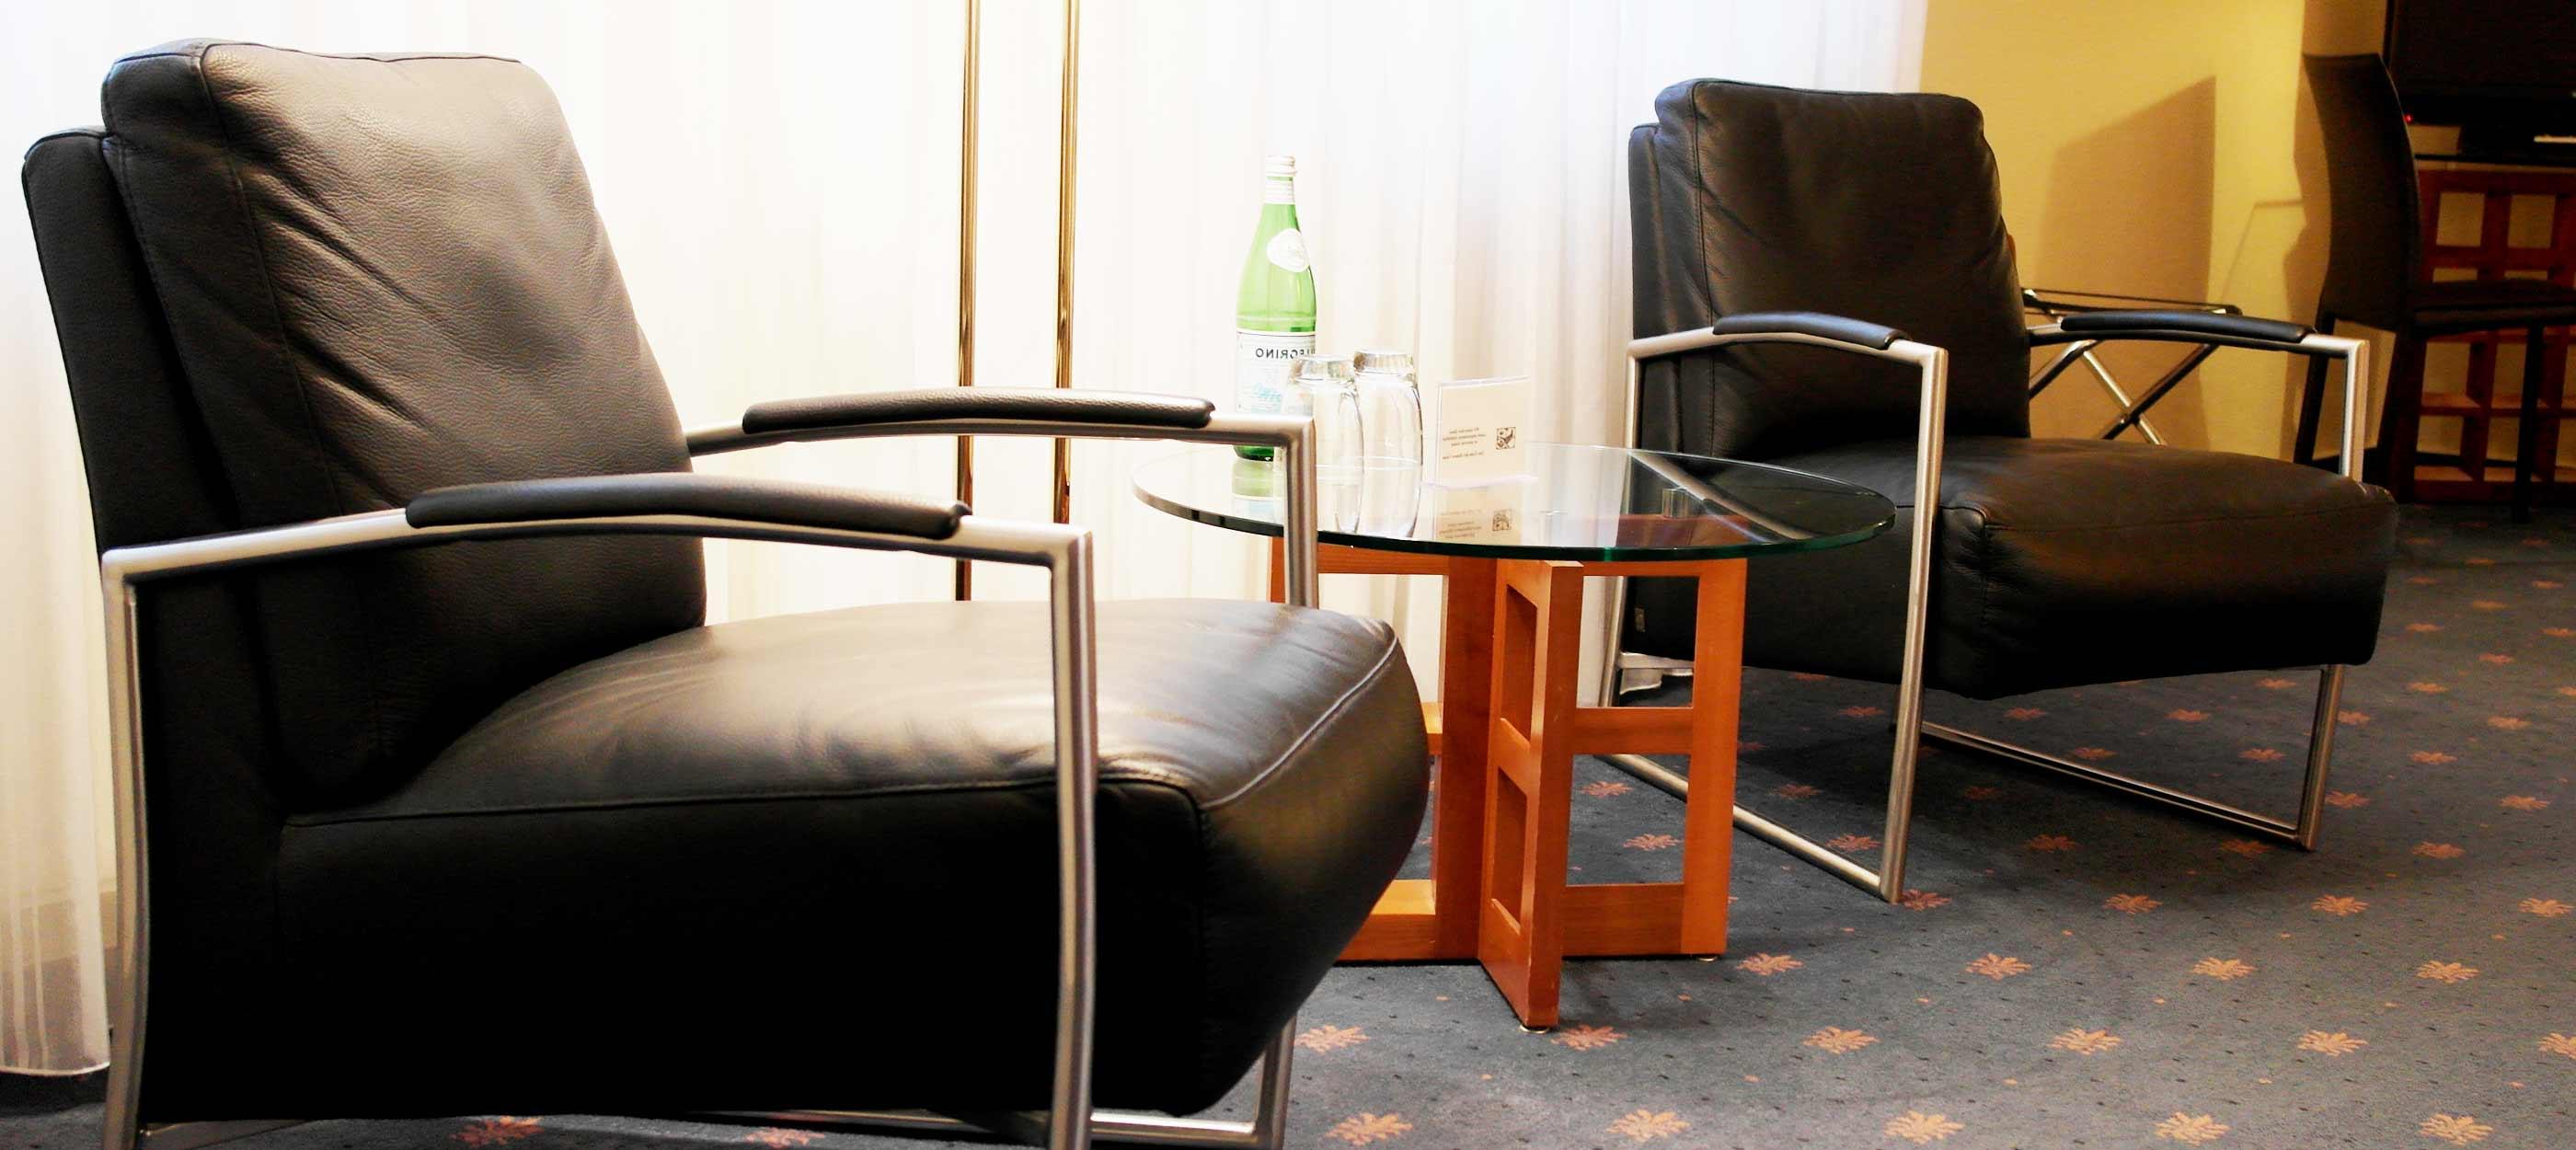 hotel-dz-deluxe-n-loungebereich